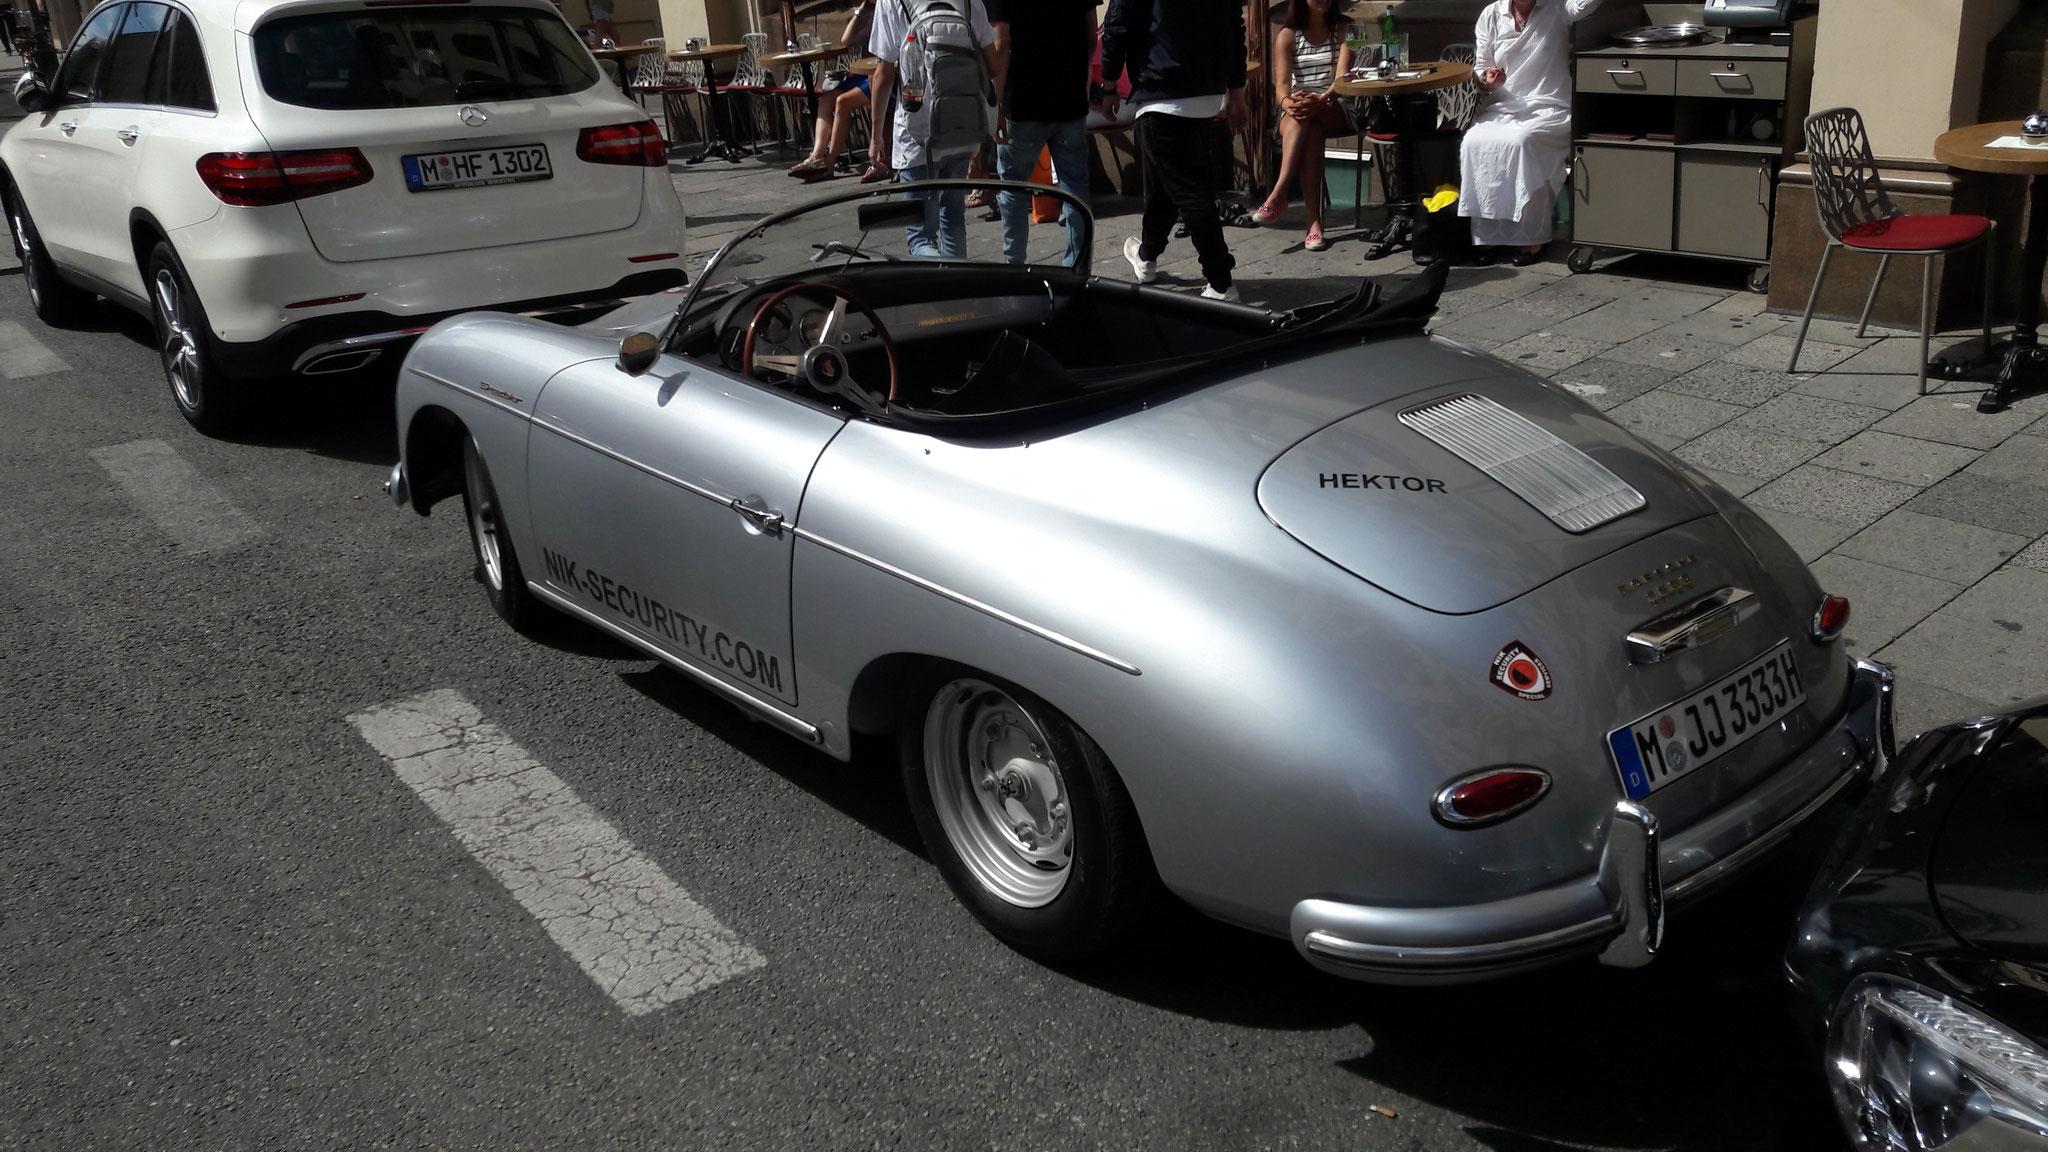 Porsche 356 1500 Speedster - M-JJ-3333H